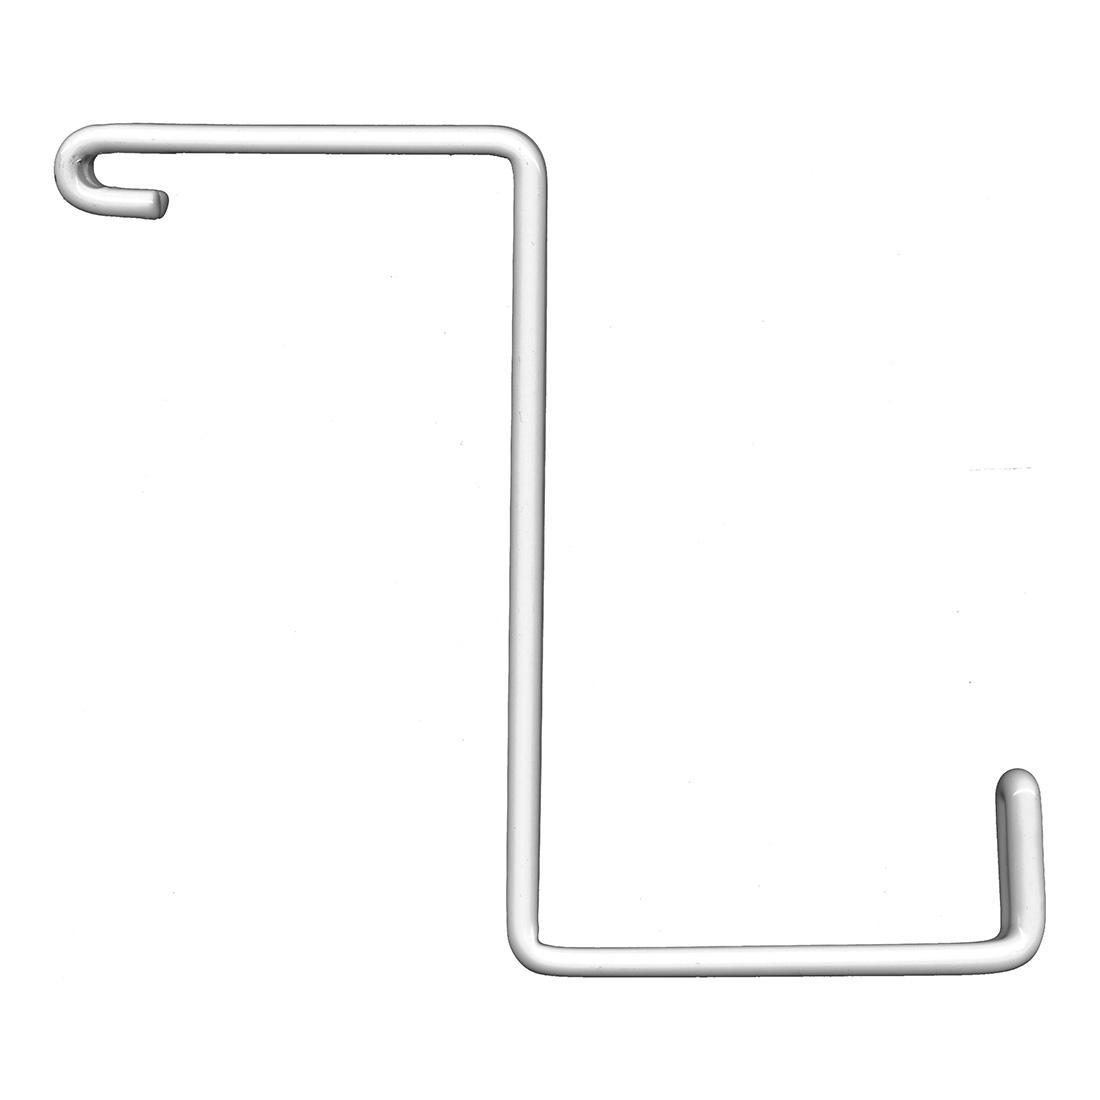 Hyloft Add-on Storage Hook in White (Set of 4)